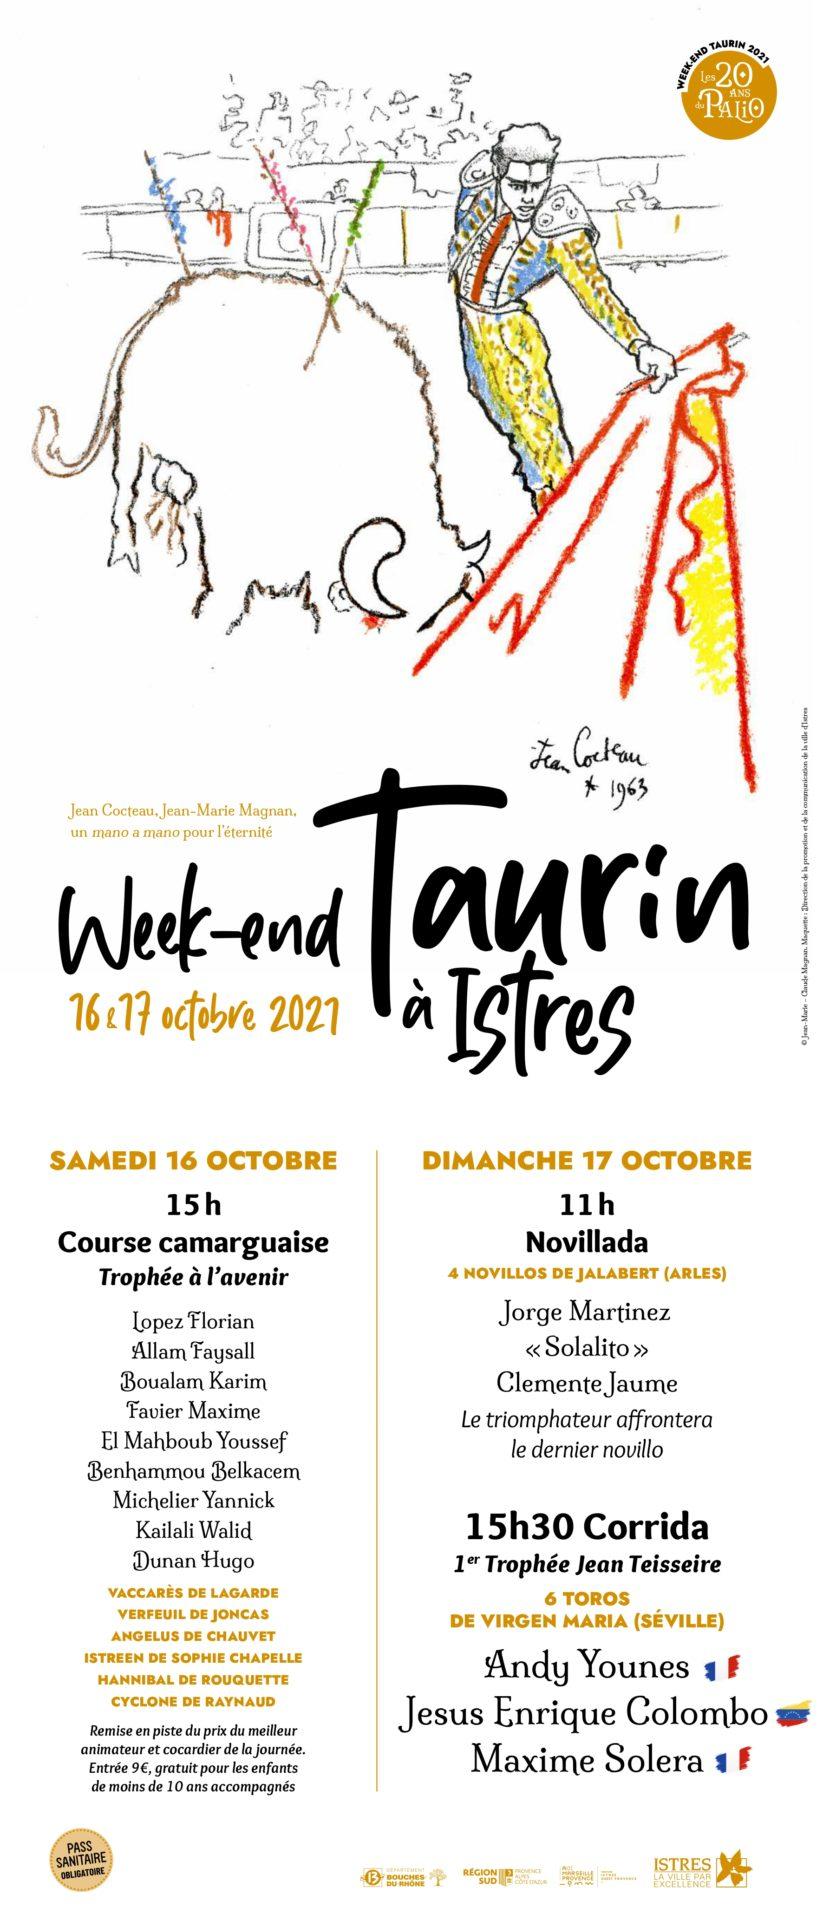 ISTRES – Ouverture de la billetterie pour la Journée Taurine du 17 octobre.